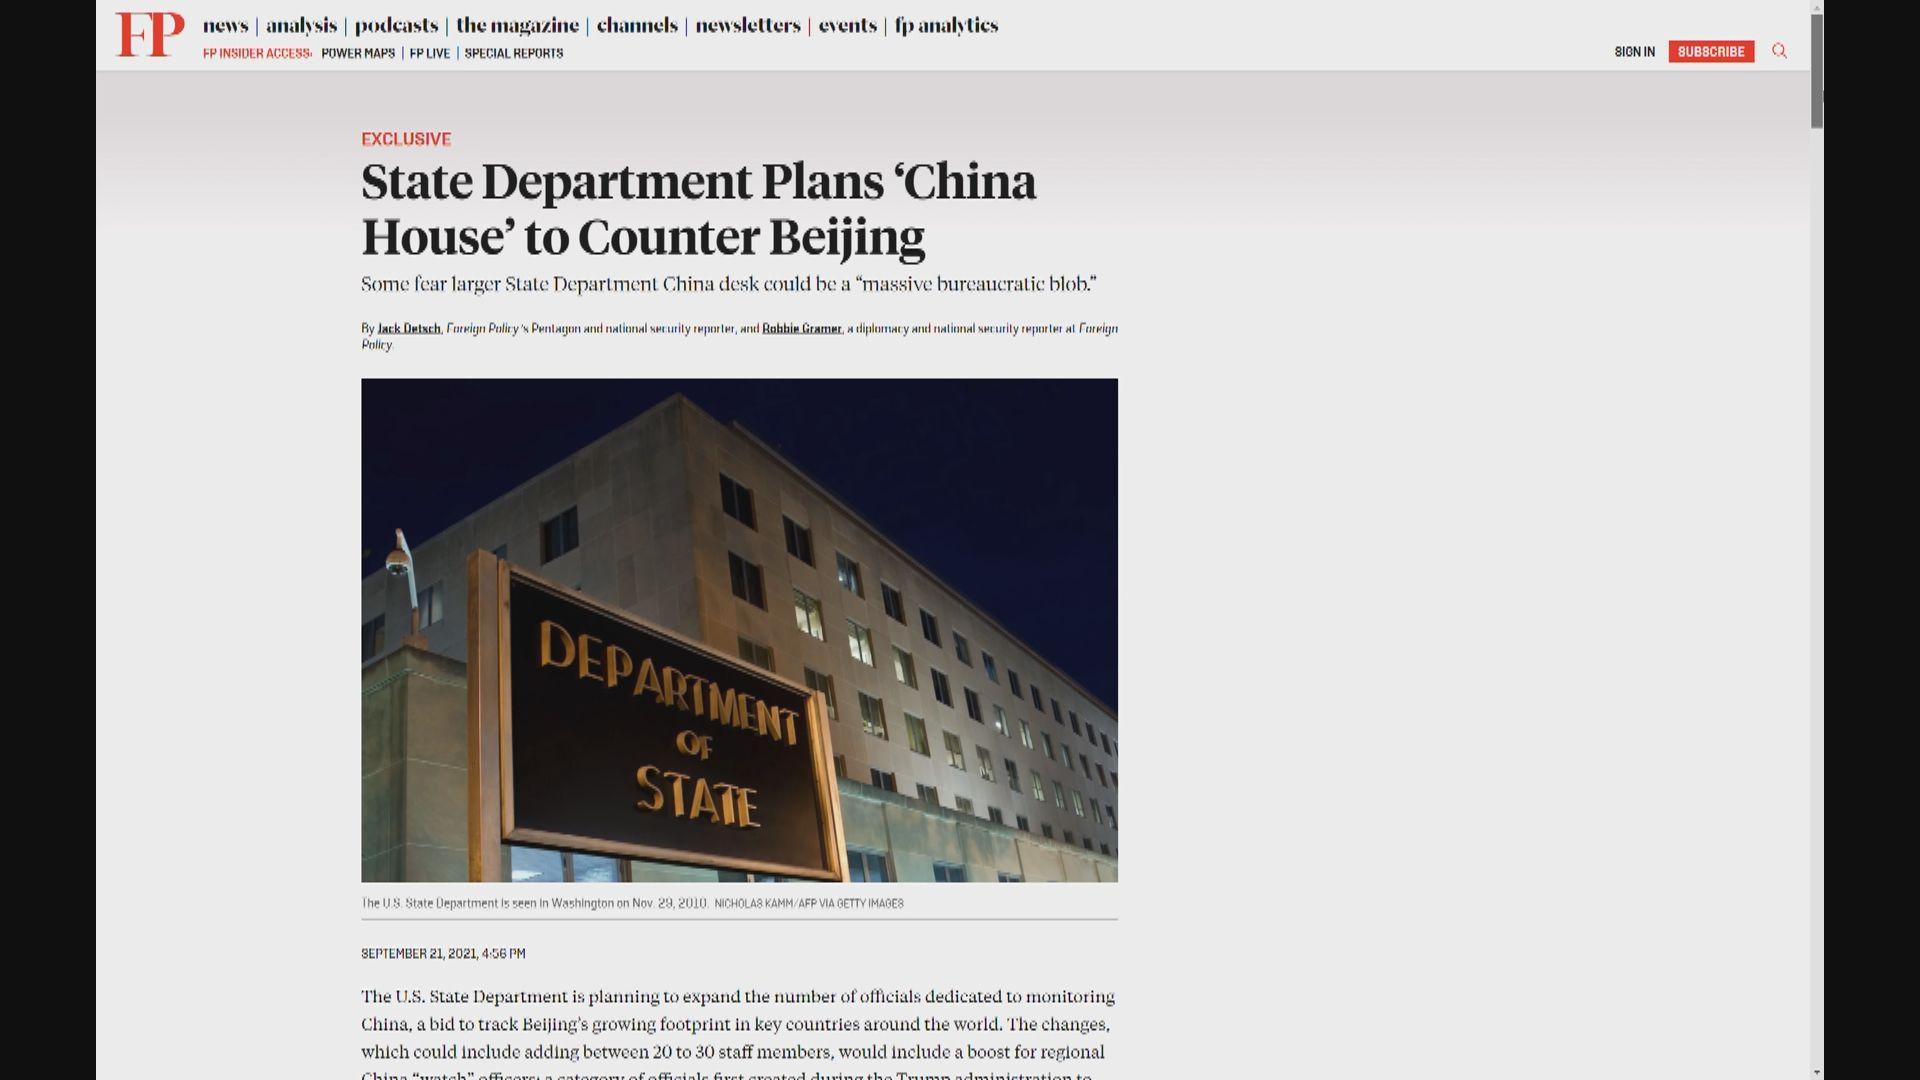 美媒指美國務院擬增對華監控人員數目